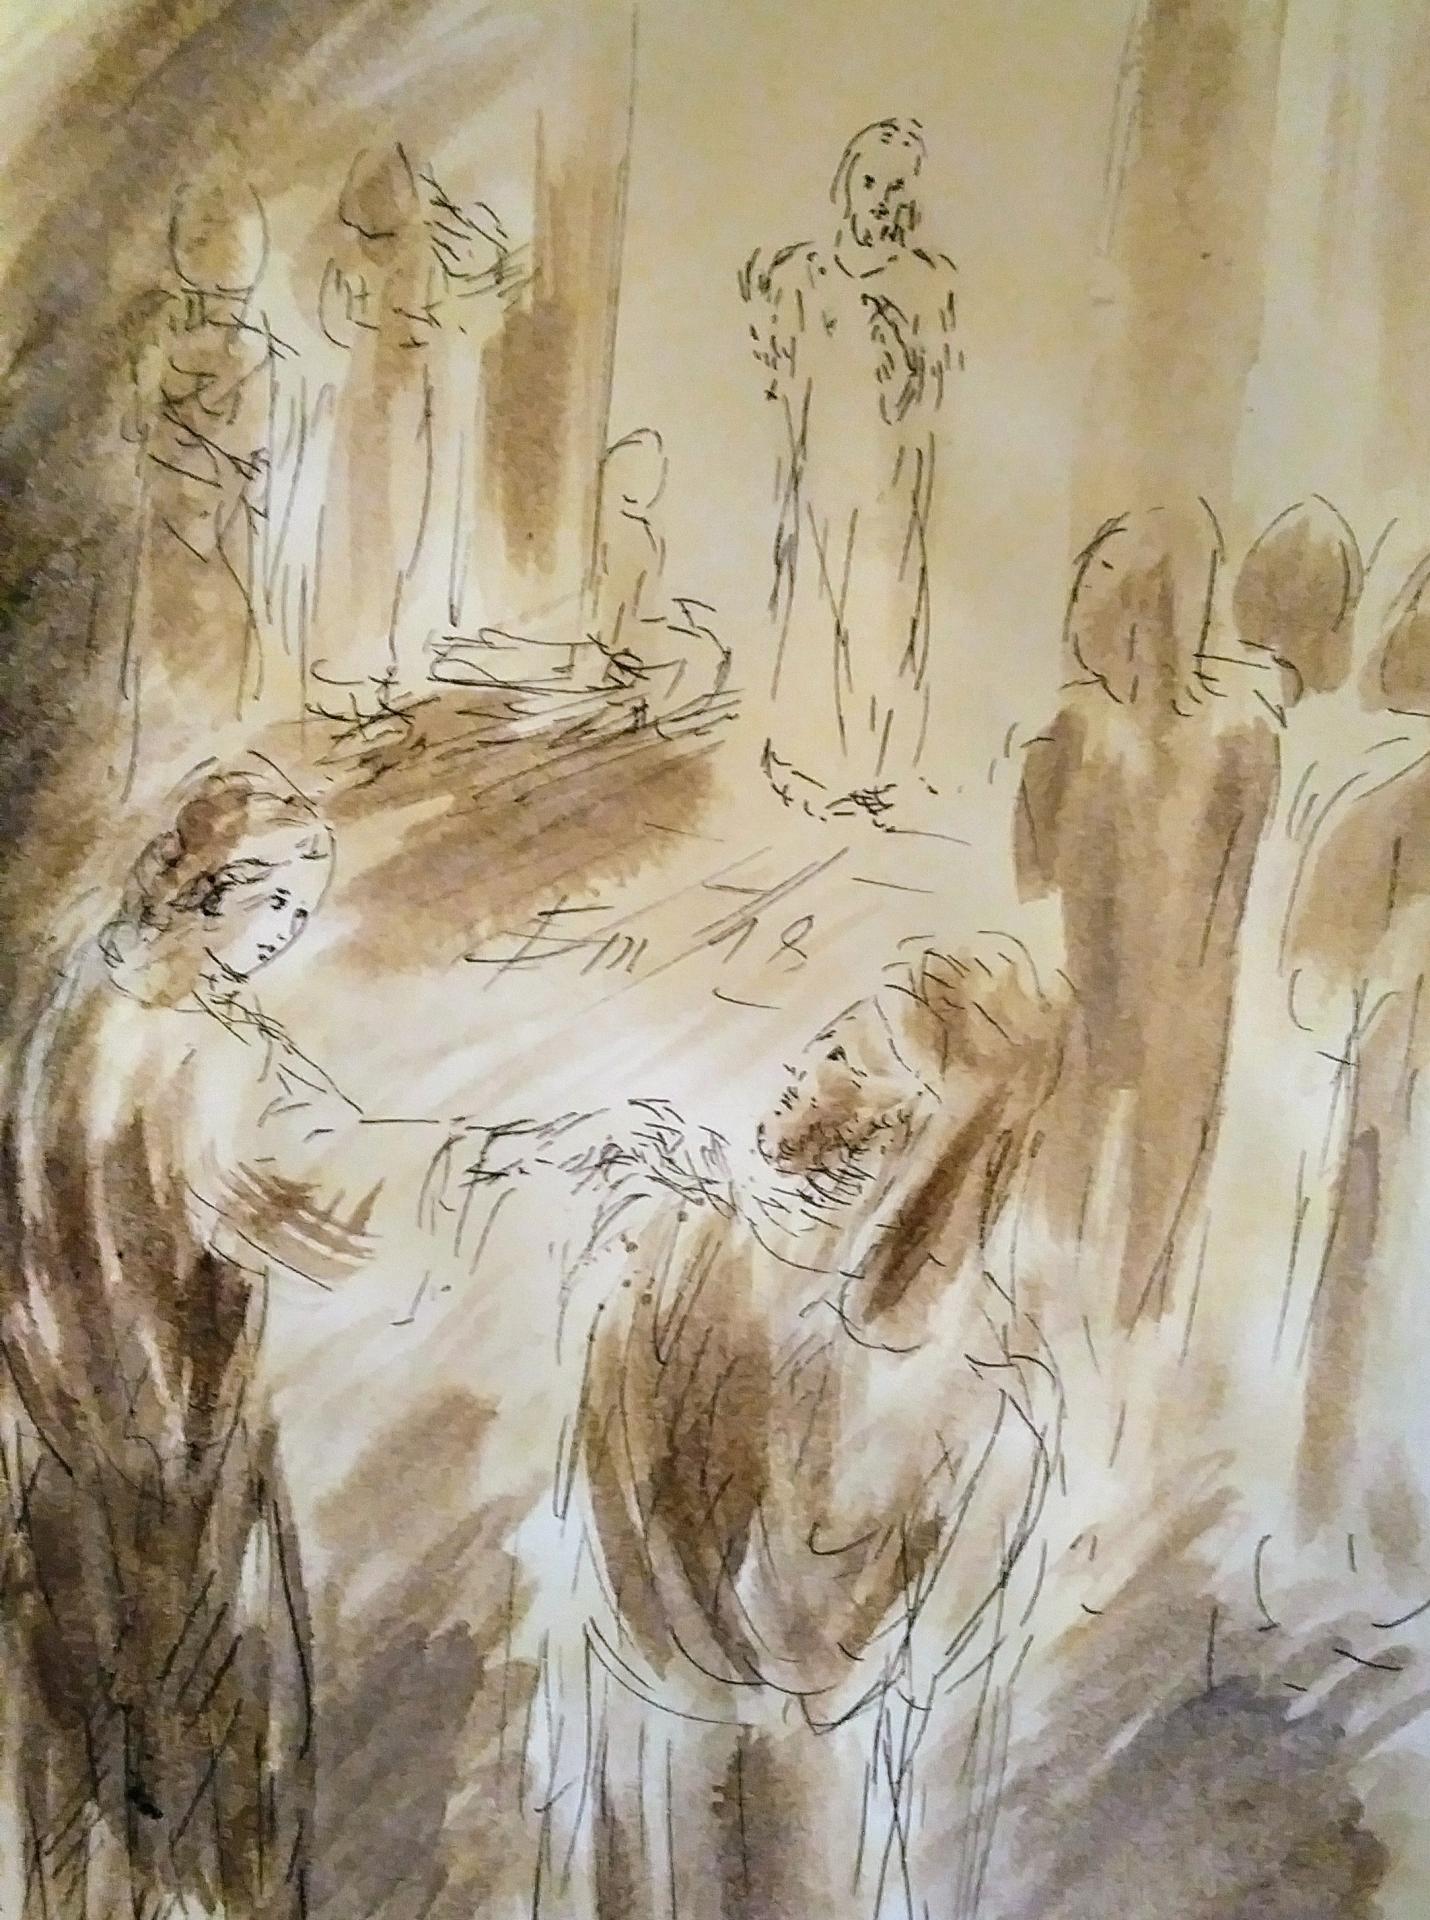 16 Mars, évangile du jour illustré